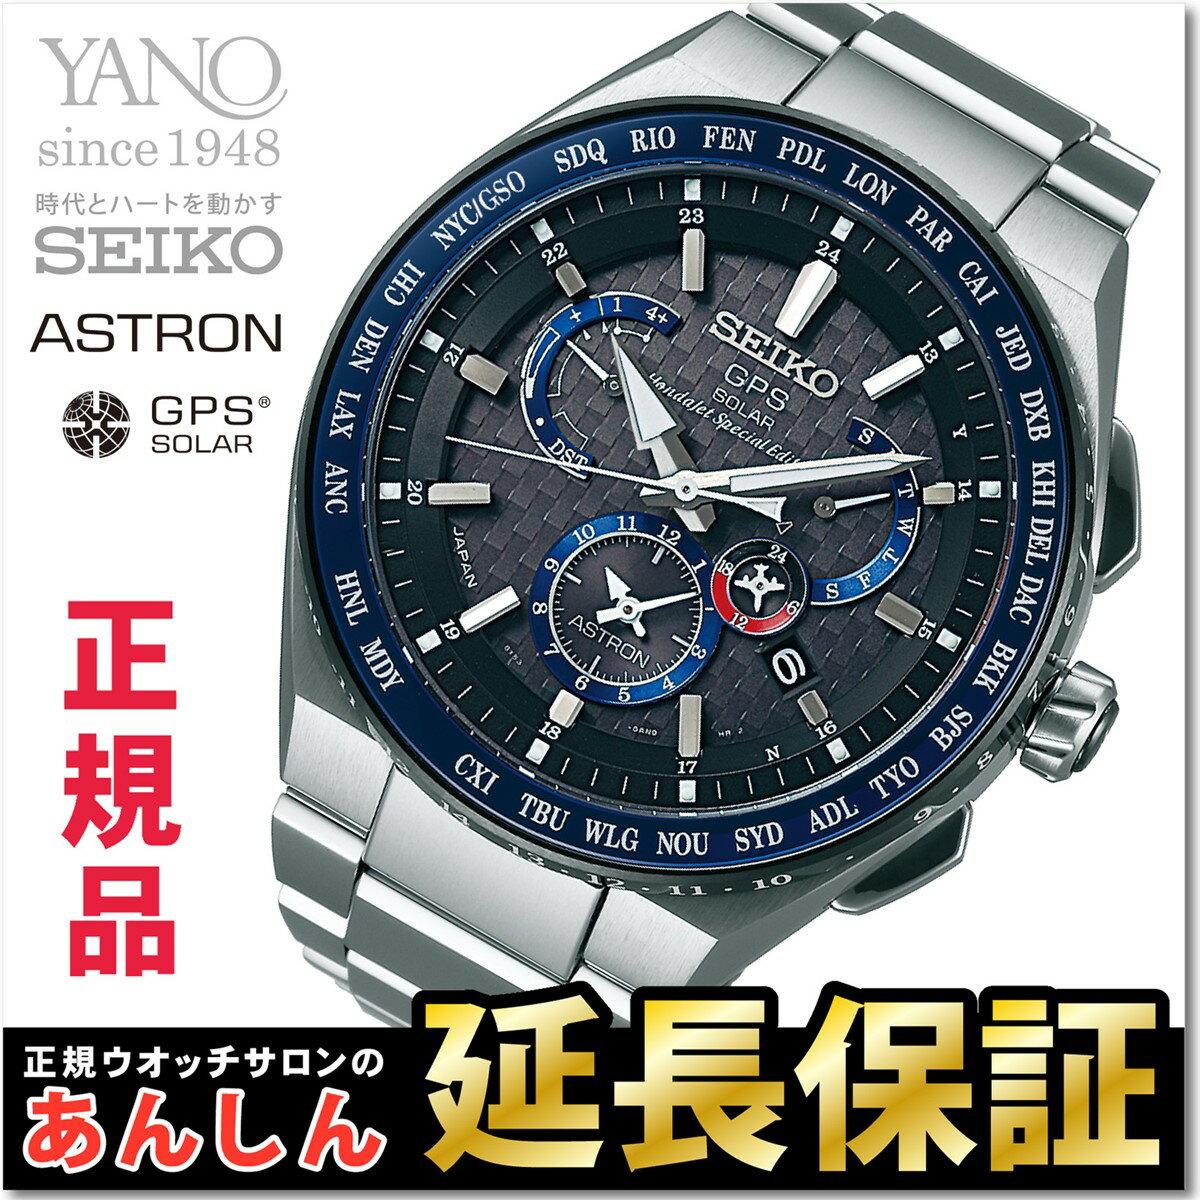 【クーポンでさらにお得!22日9時59分まで】SEIKO ASTRON セイコー アストロン SBXB133 ホンダジェット 限定モデル GPSソーラー 衛星電波時計 メンズ 腕時計 【0617】_10spl